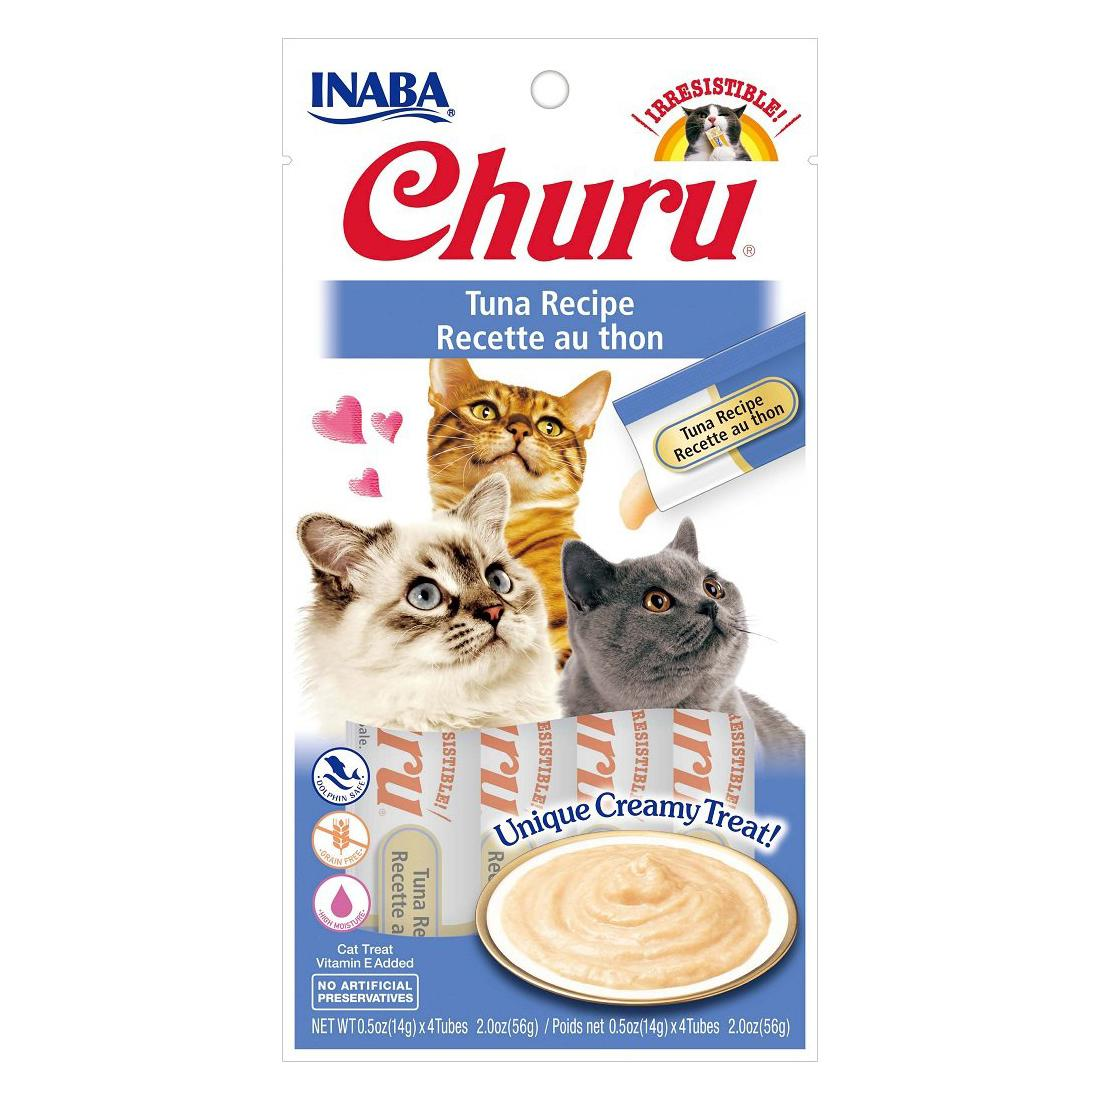 Inaba Churu Puree Grain-Free Cat Treats - Tuna